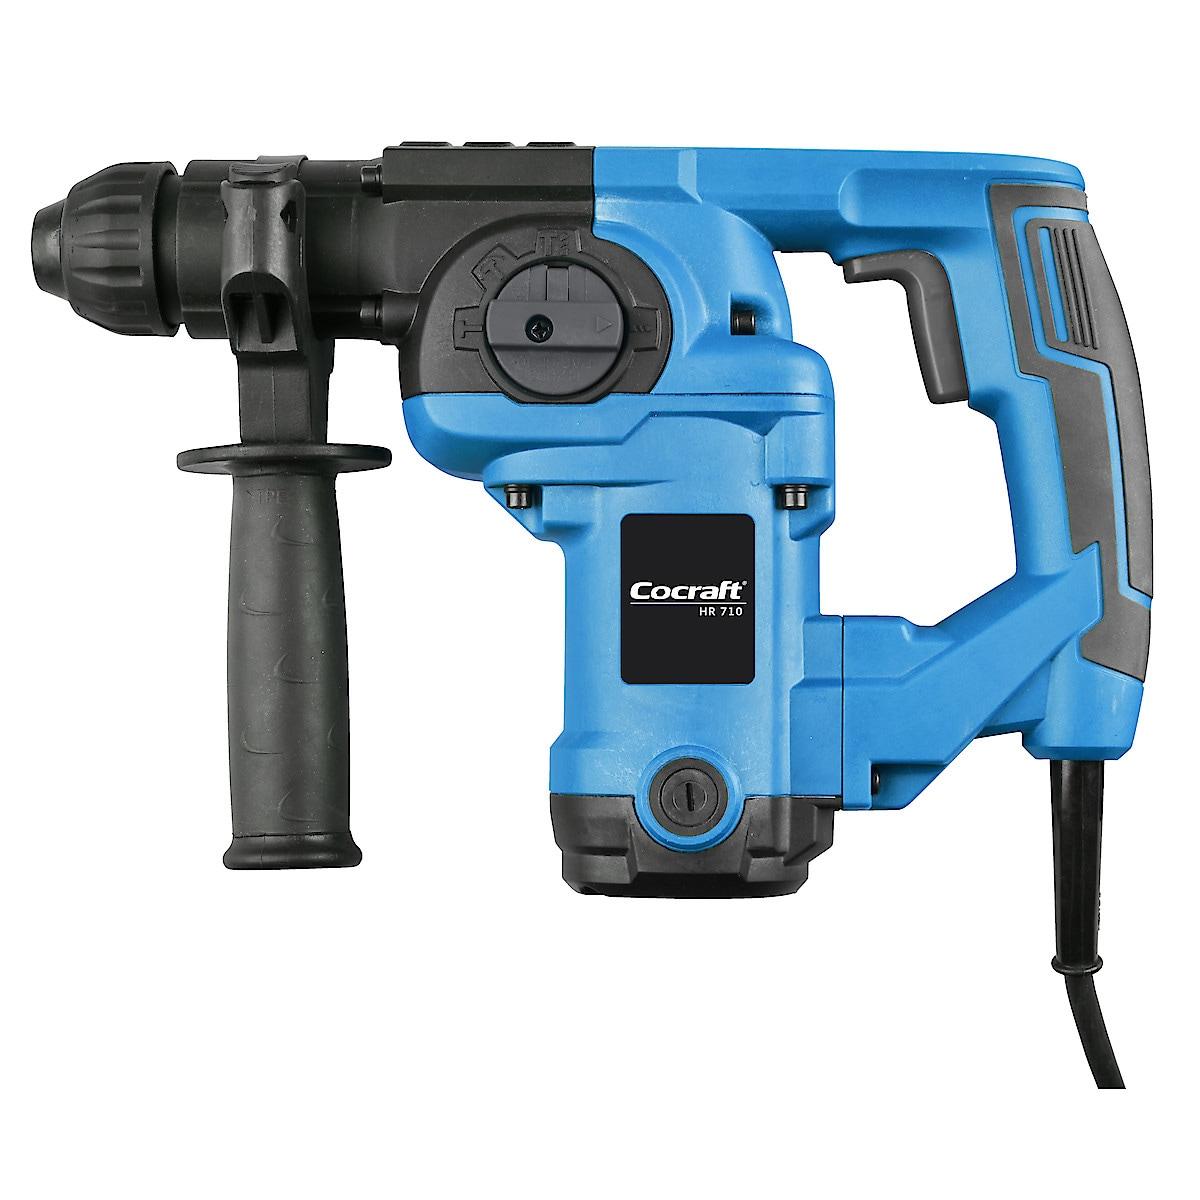 Cocraft HR 710 borhammer